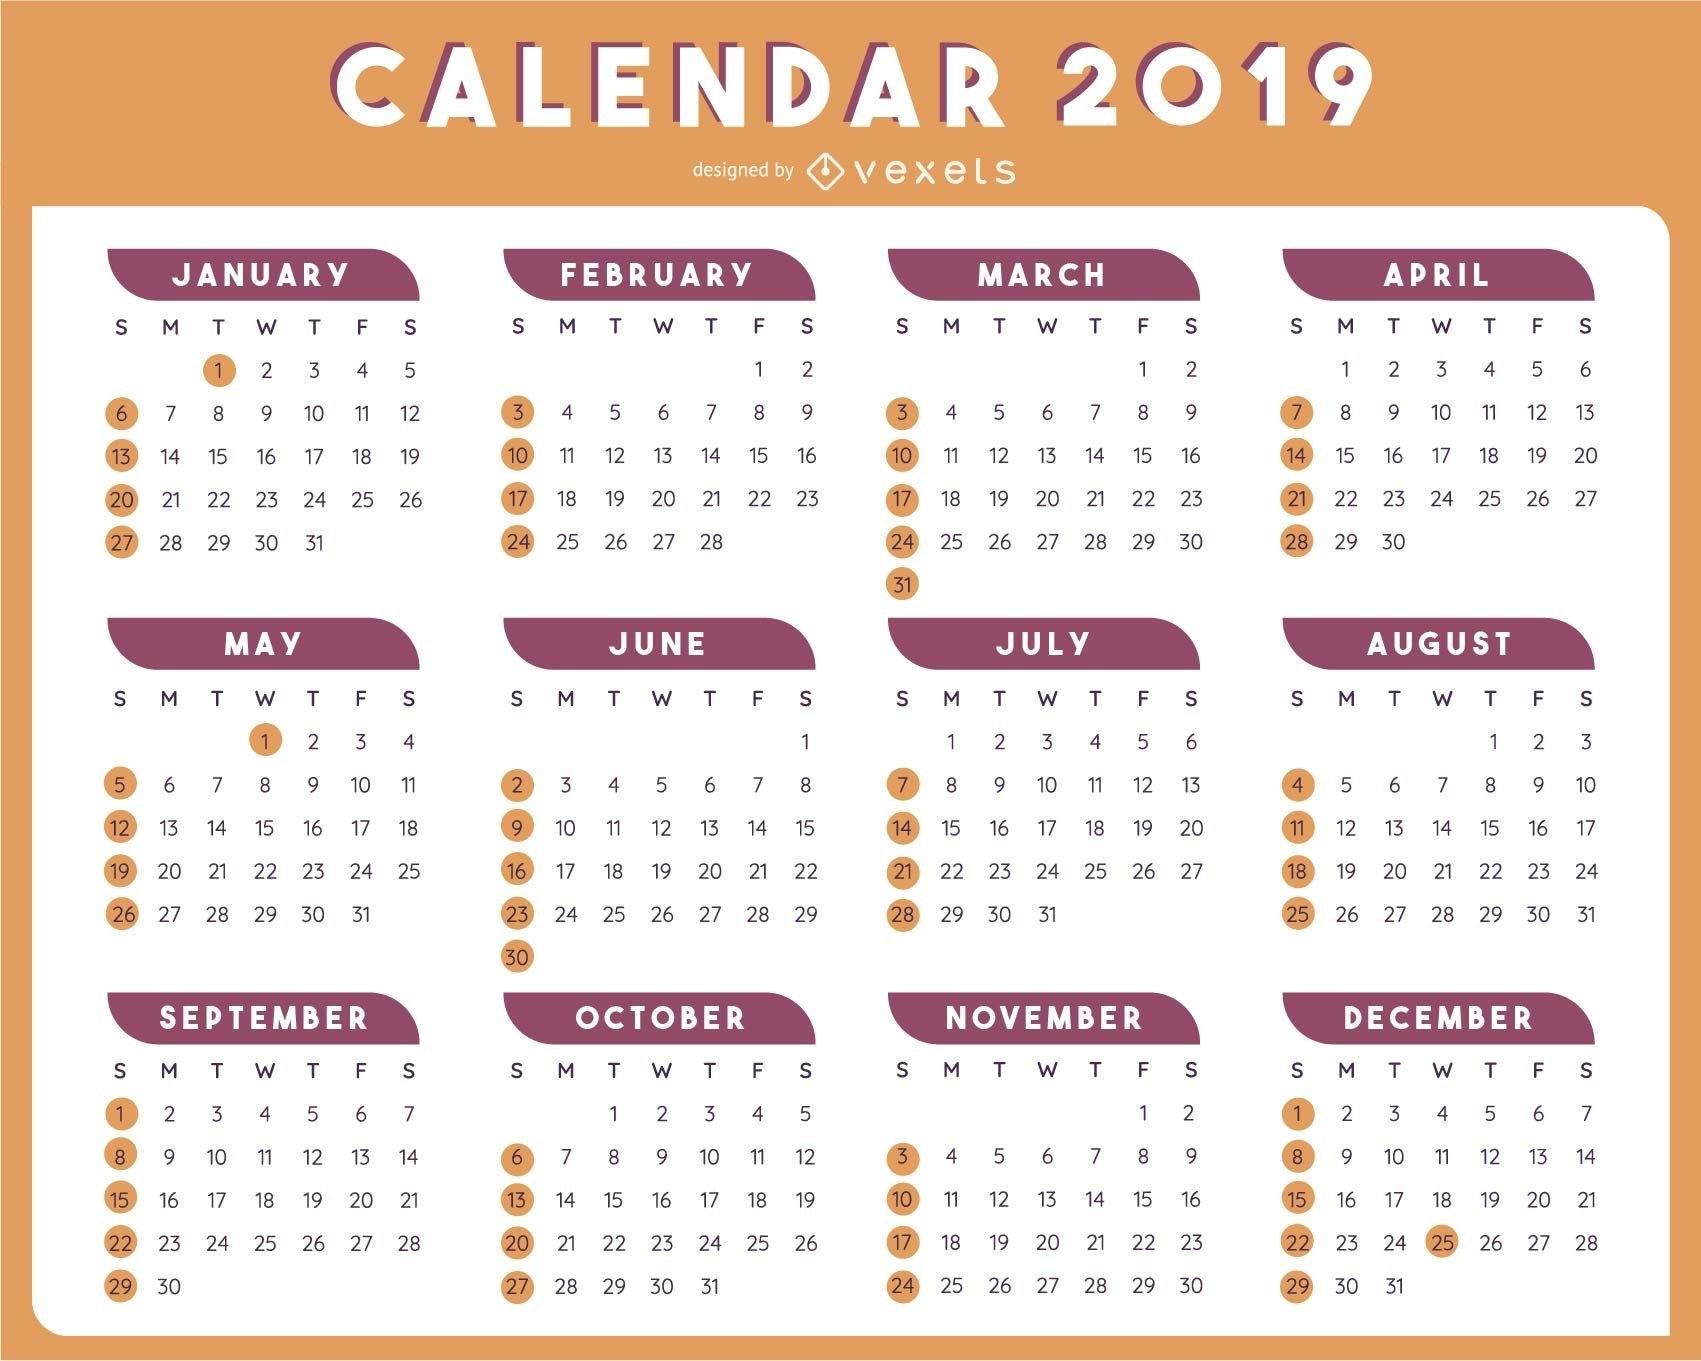 2019 Table Calendar Template Vector Design - Vector Download Calendar 2019 Vector File